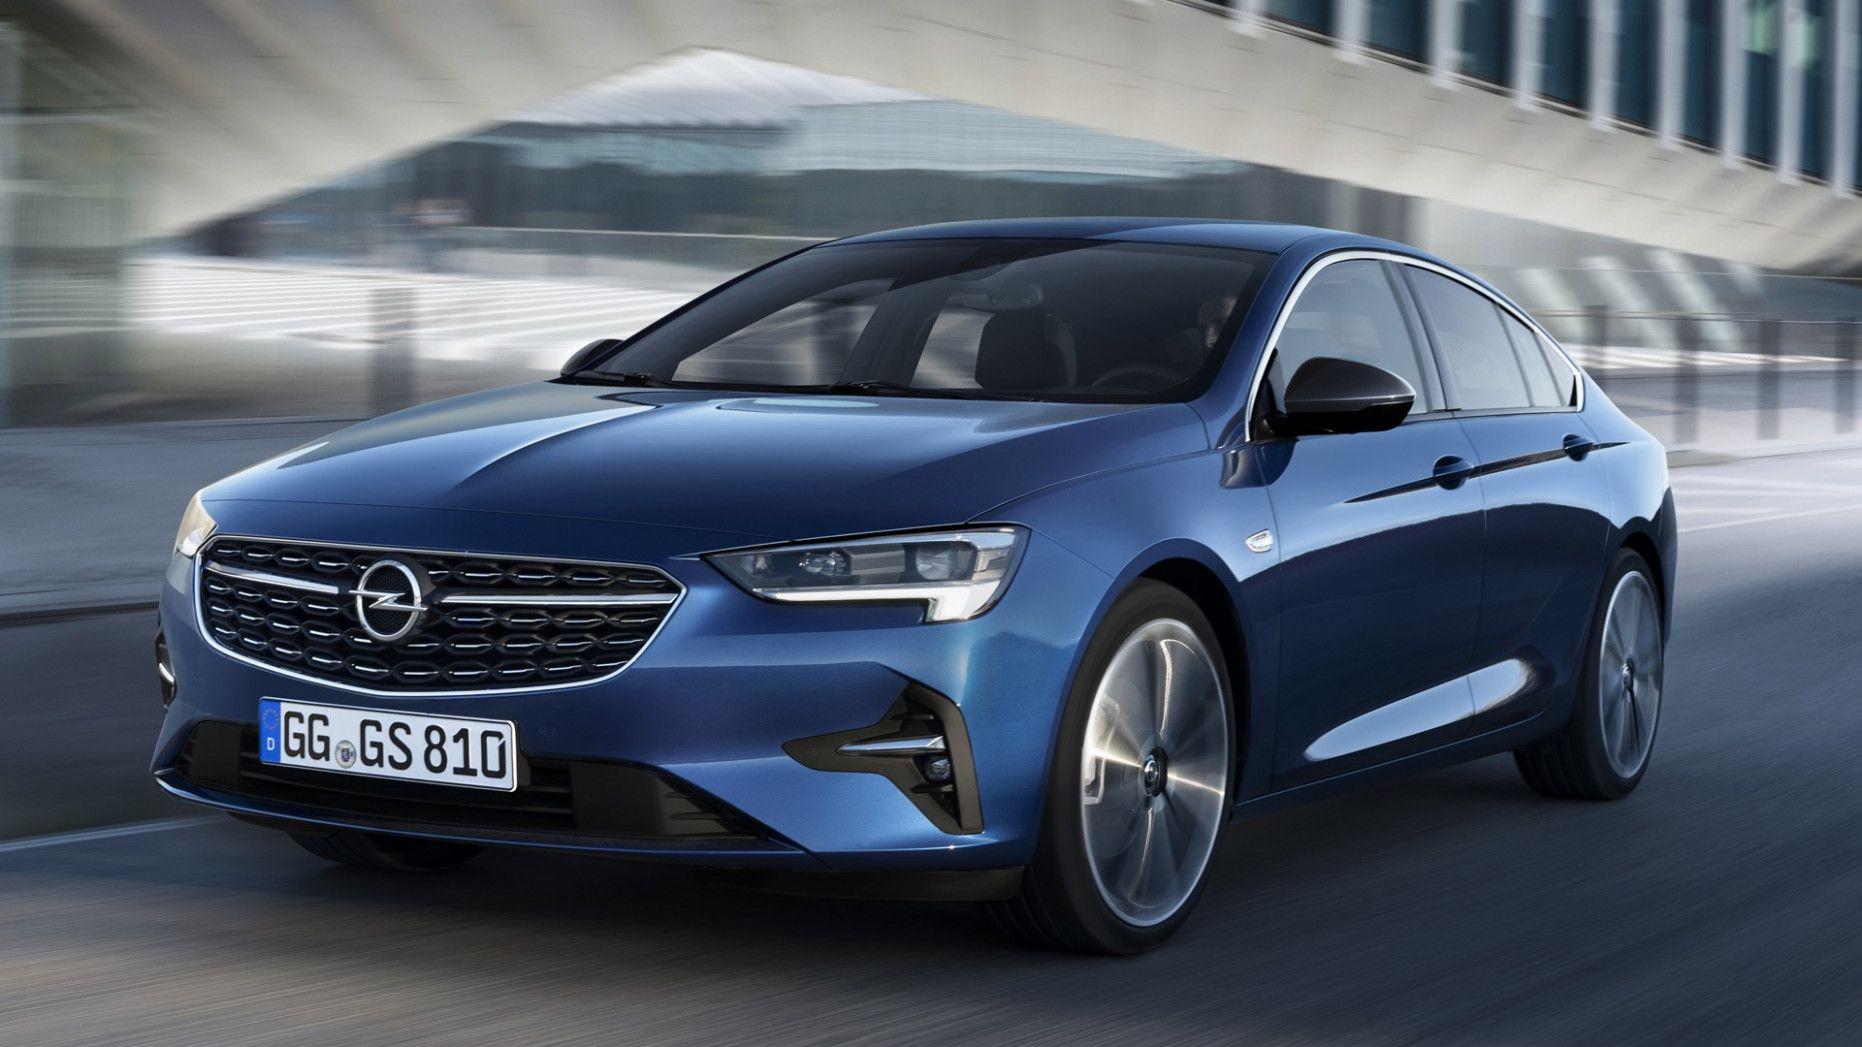 2021 New Opel Insignia Engine In 2020 Opel Sedan Upcoming Cars